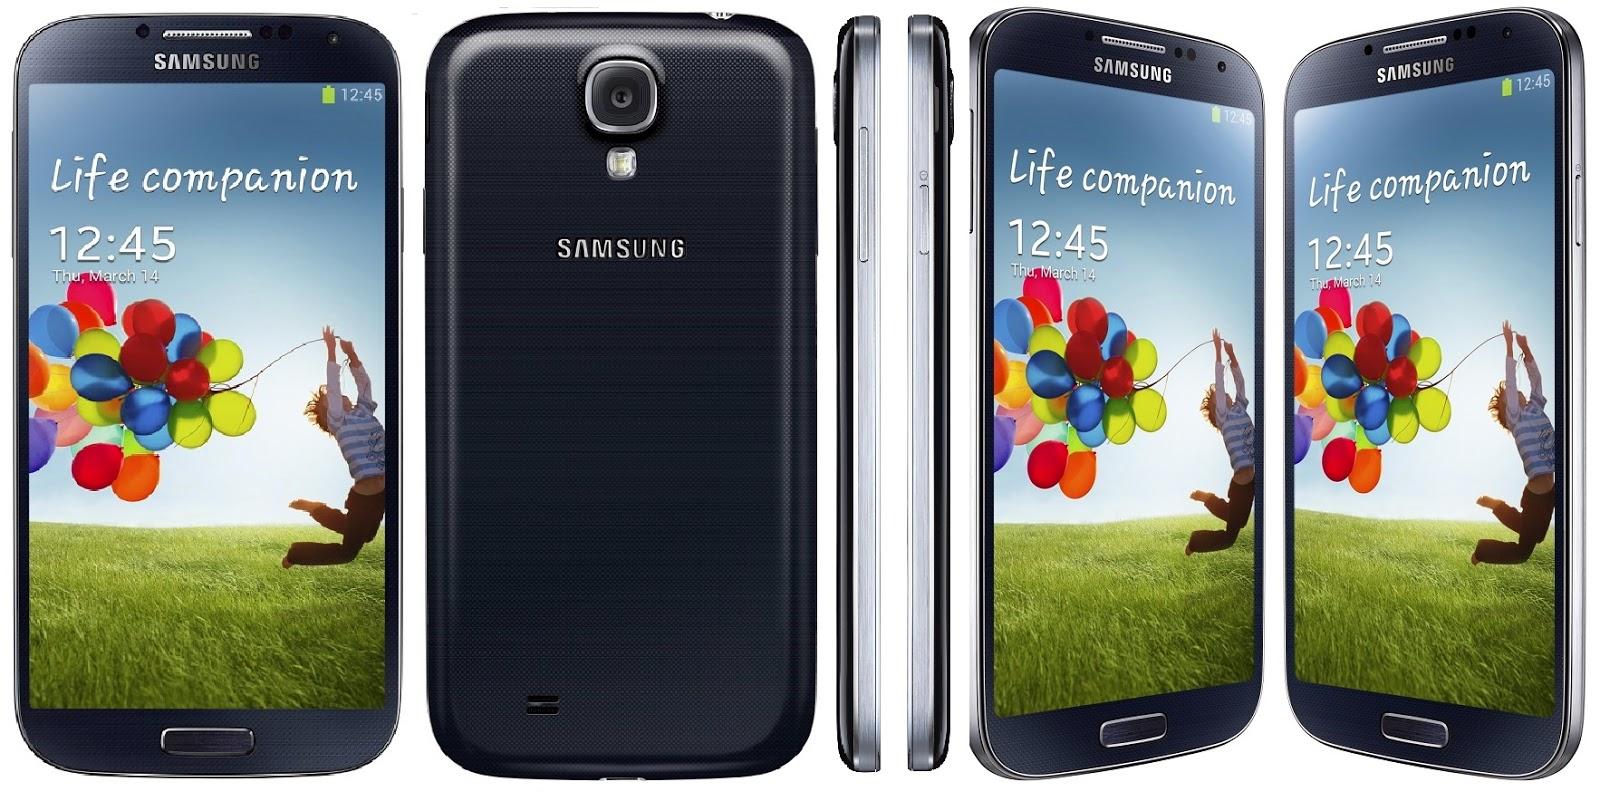 Samsung Galasy - S4 GT-i9502 - Black Mist